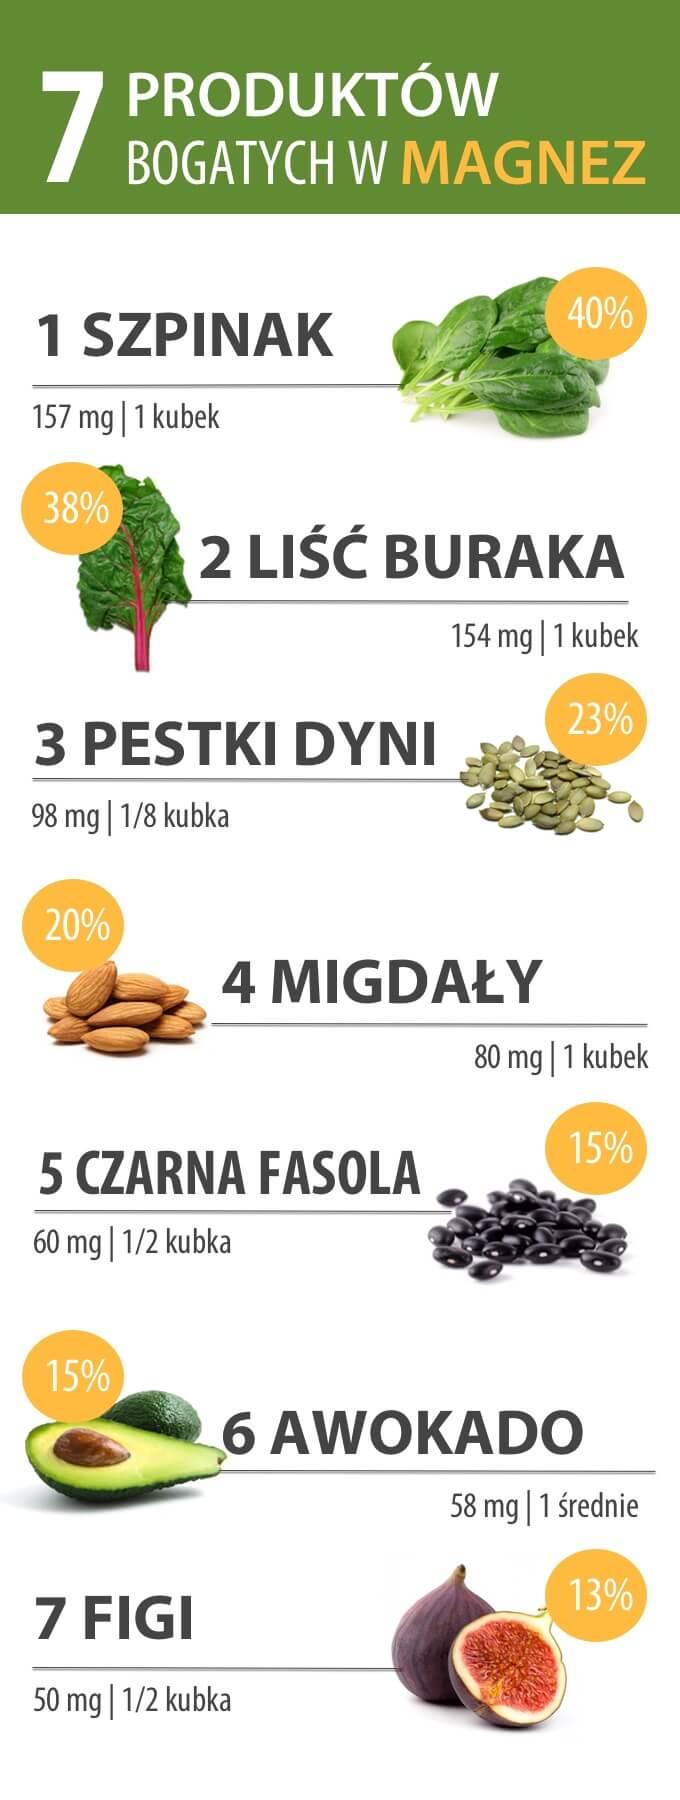 niedobór magnezu to częsta przyczyna wielu chorób. Świetnym źródłem magnezu jest szpinak, liść buraka, migdały, czarna fasola, awokado, figi